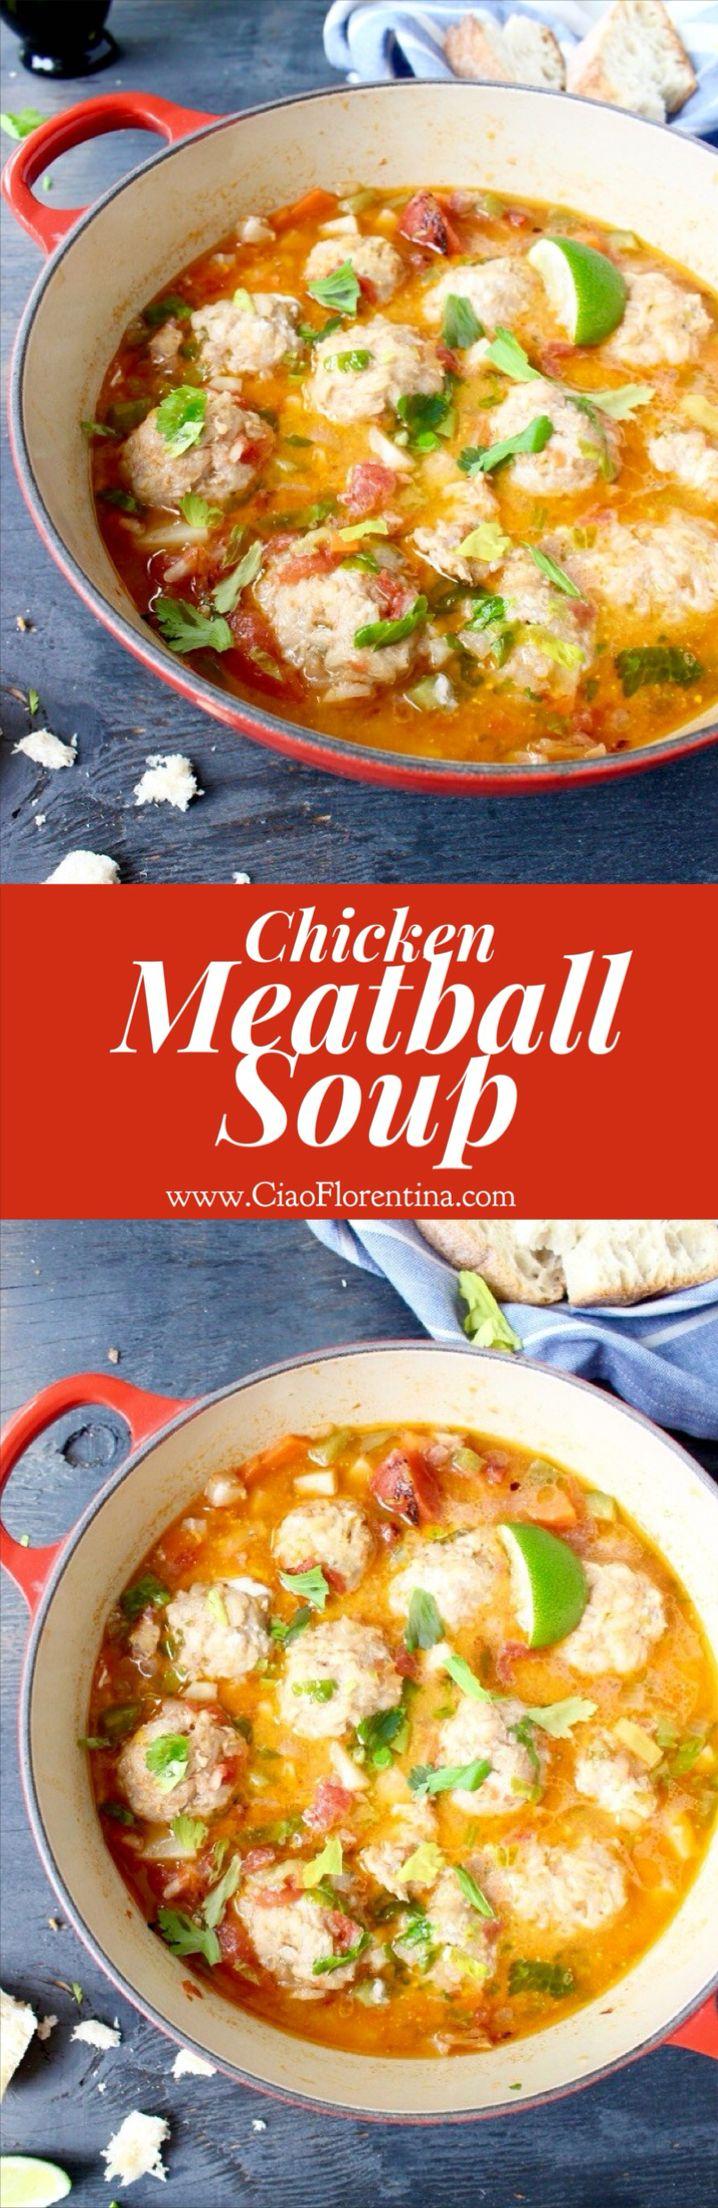 Chicken Meatball Soup Recipe with Ginger and Celery Root ( Sopa de Albondigas) | CiaoFlorentina.com @CiaoFlorentina